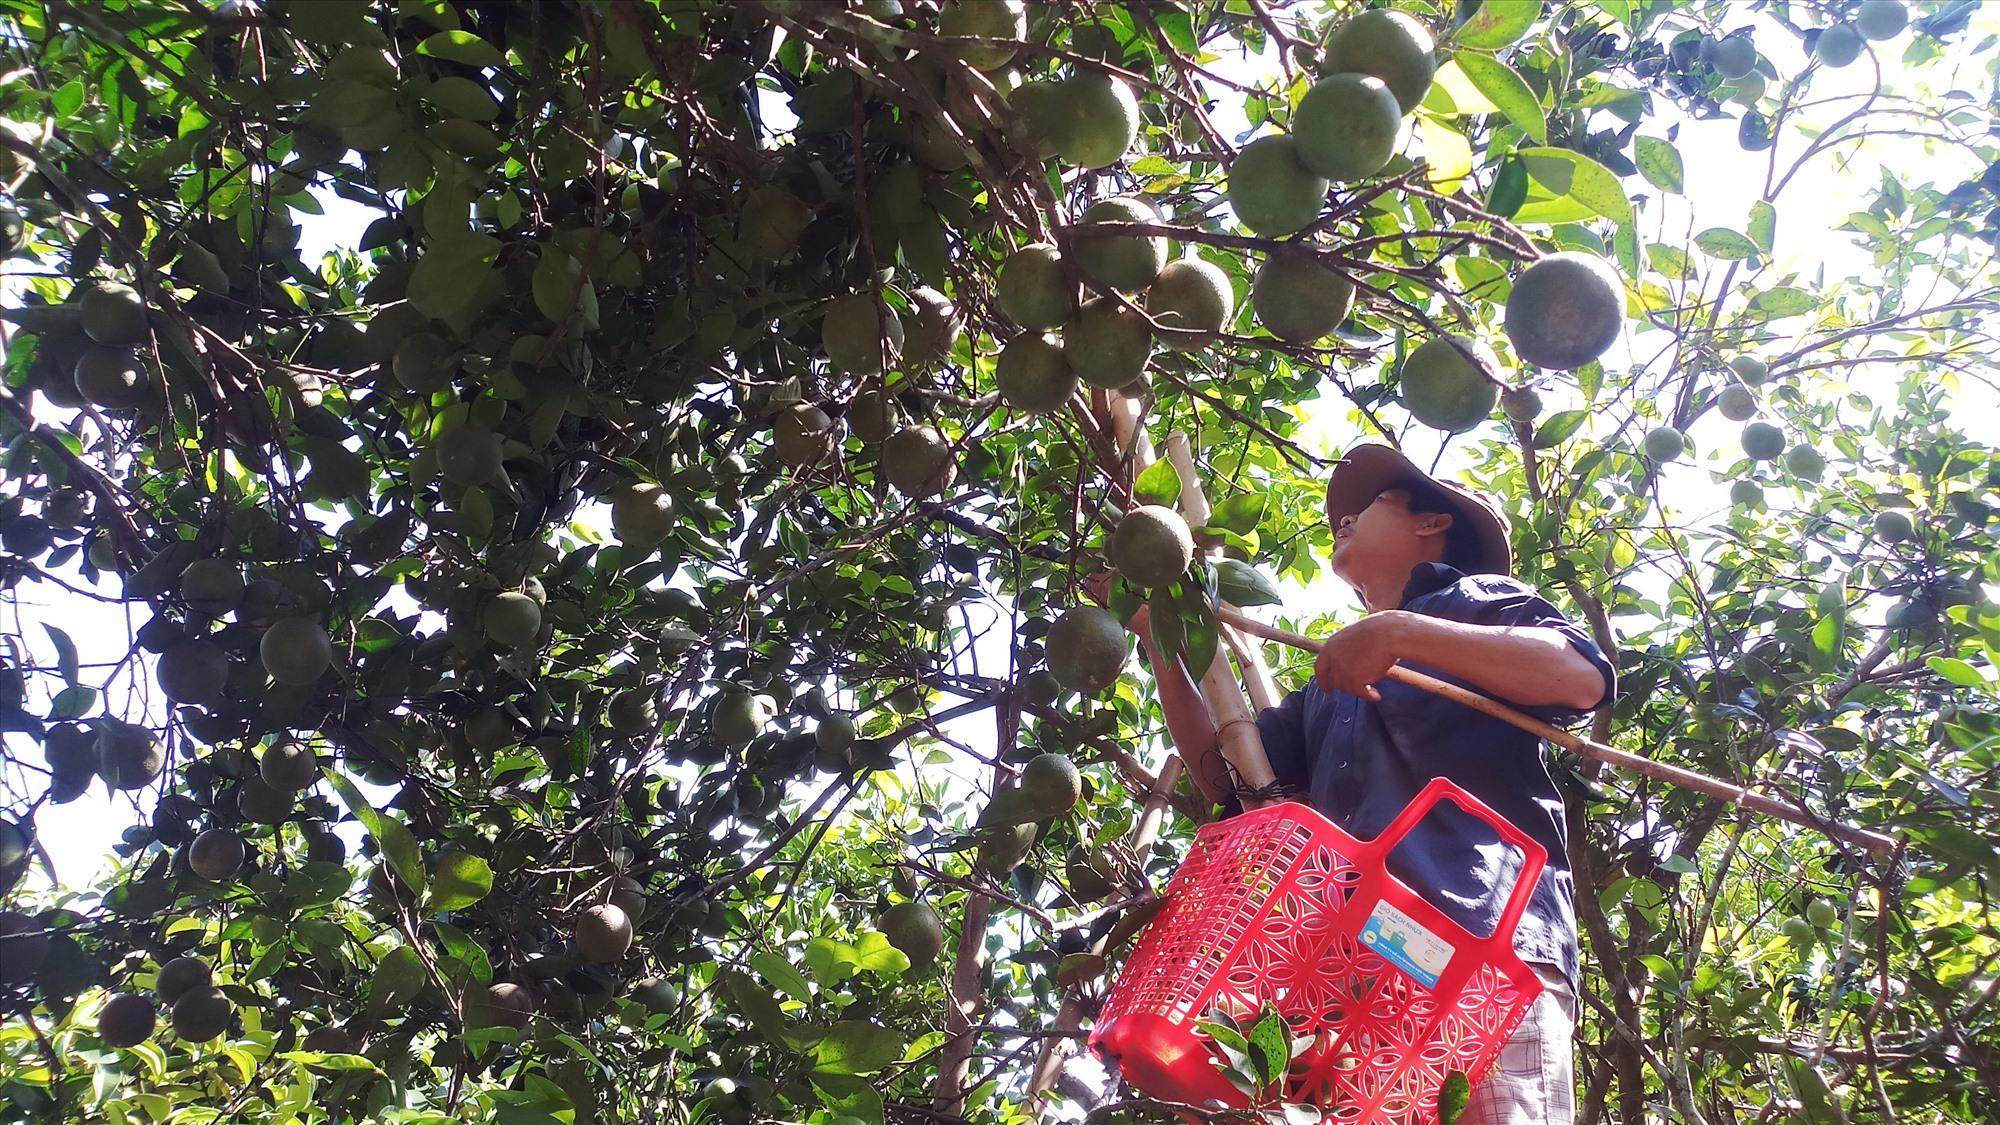 Huyện Tiên Phước hỗ trợ gần 10 tỷ đồng giúp người dân phát triển kinh tế vườn, kinh tế trang trại, du lịch sinh thái...